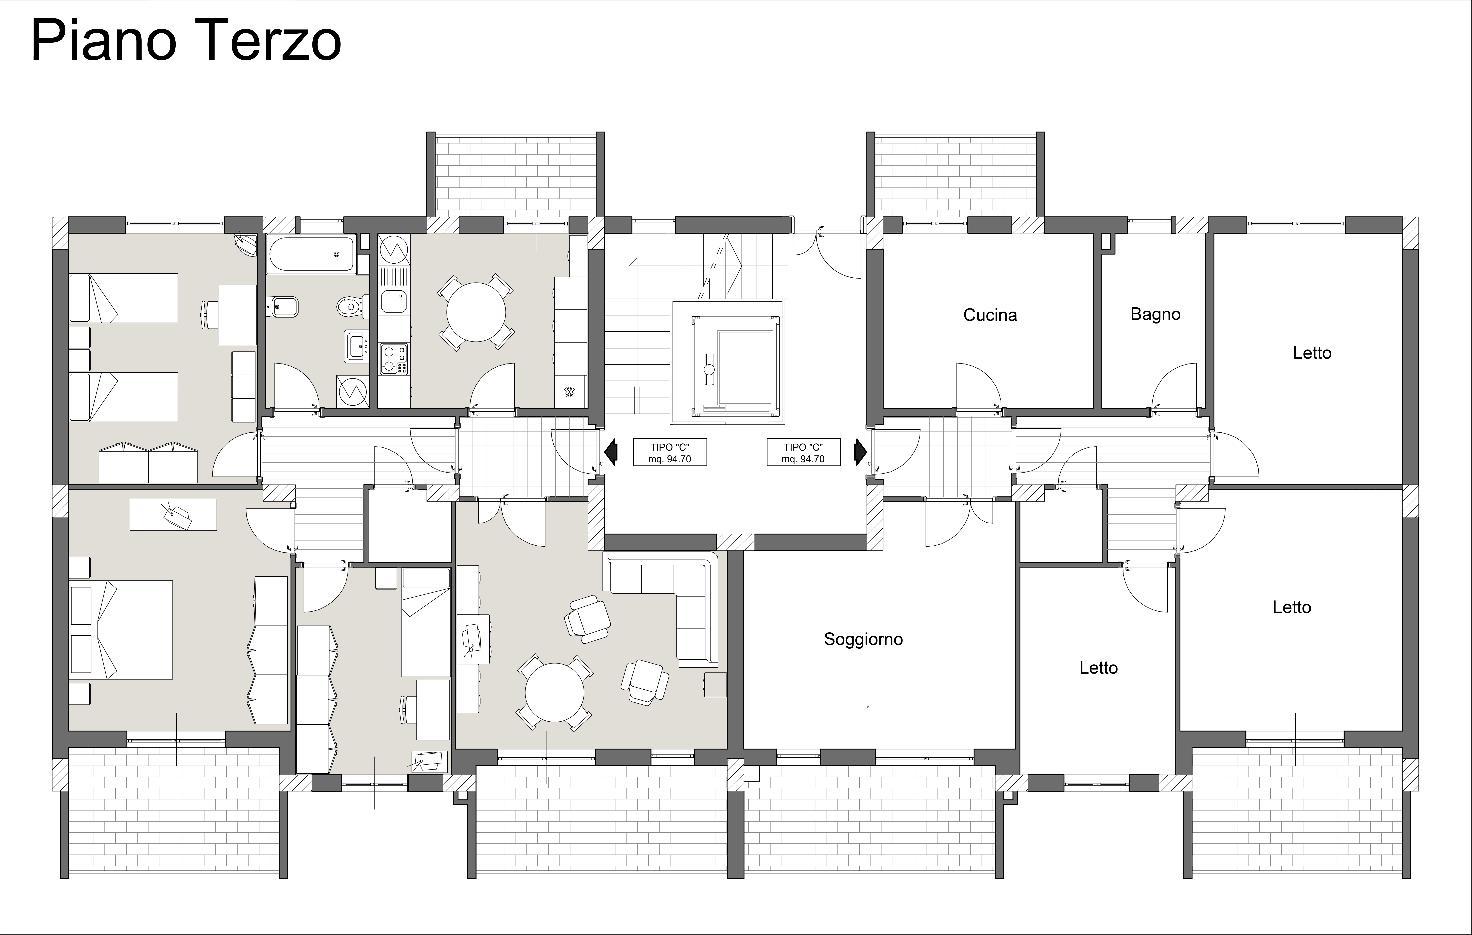 Pianta piano terzo-Palazzina1-2-3-abitarevillafrancatirrena